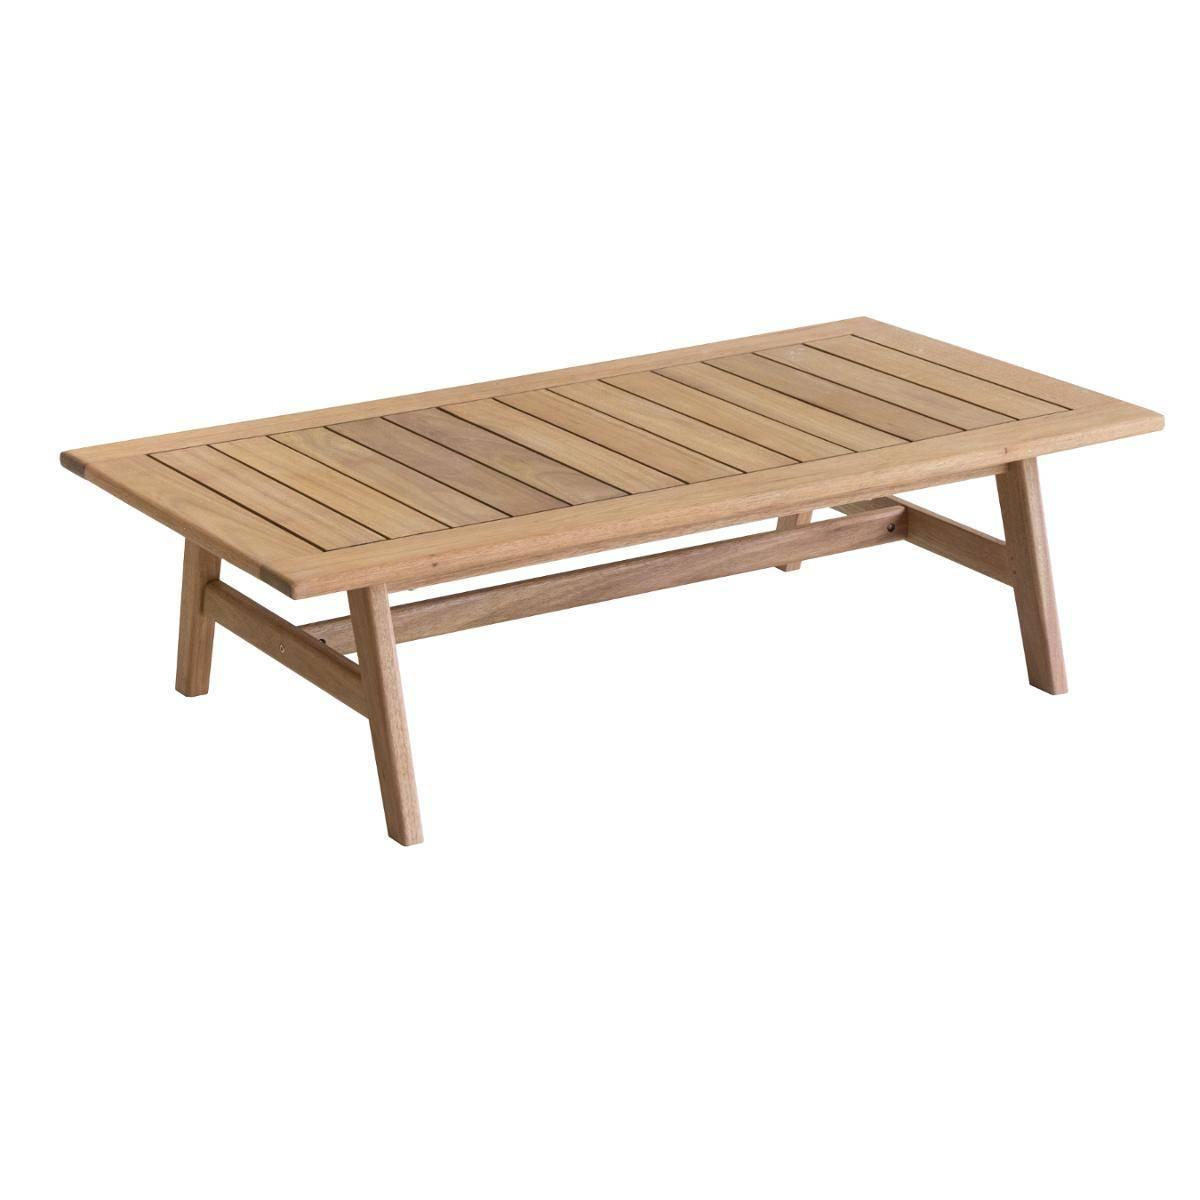 מערכת ישיבה מעץ דגם ESTAVIA